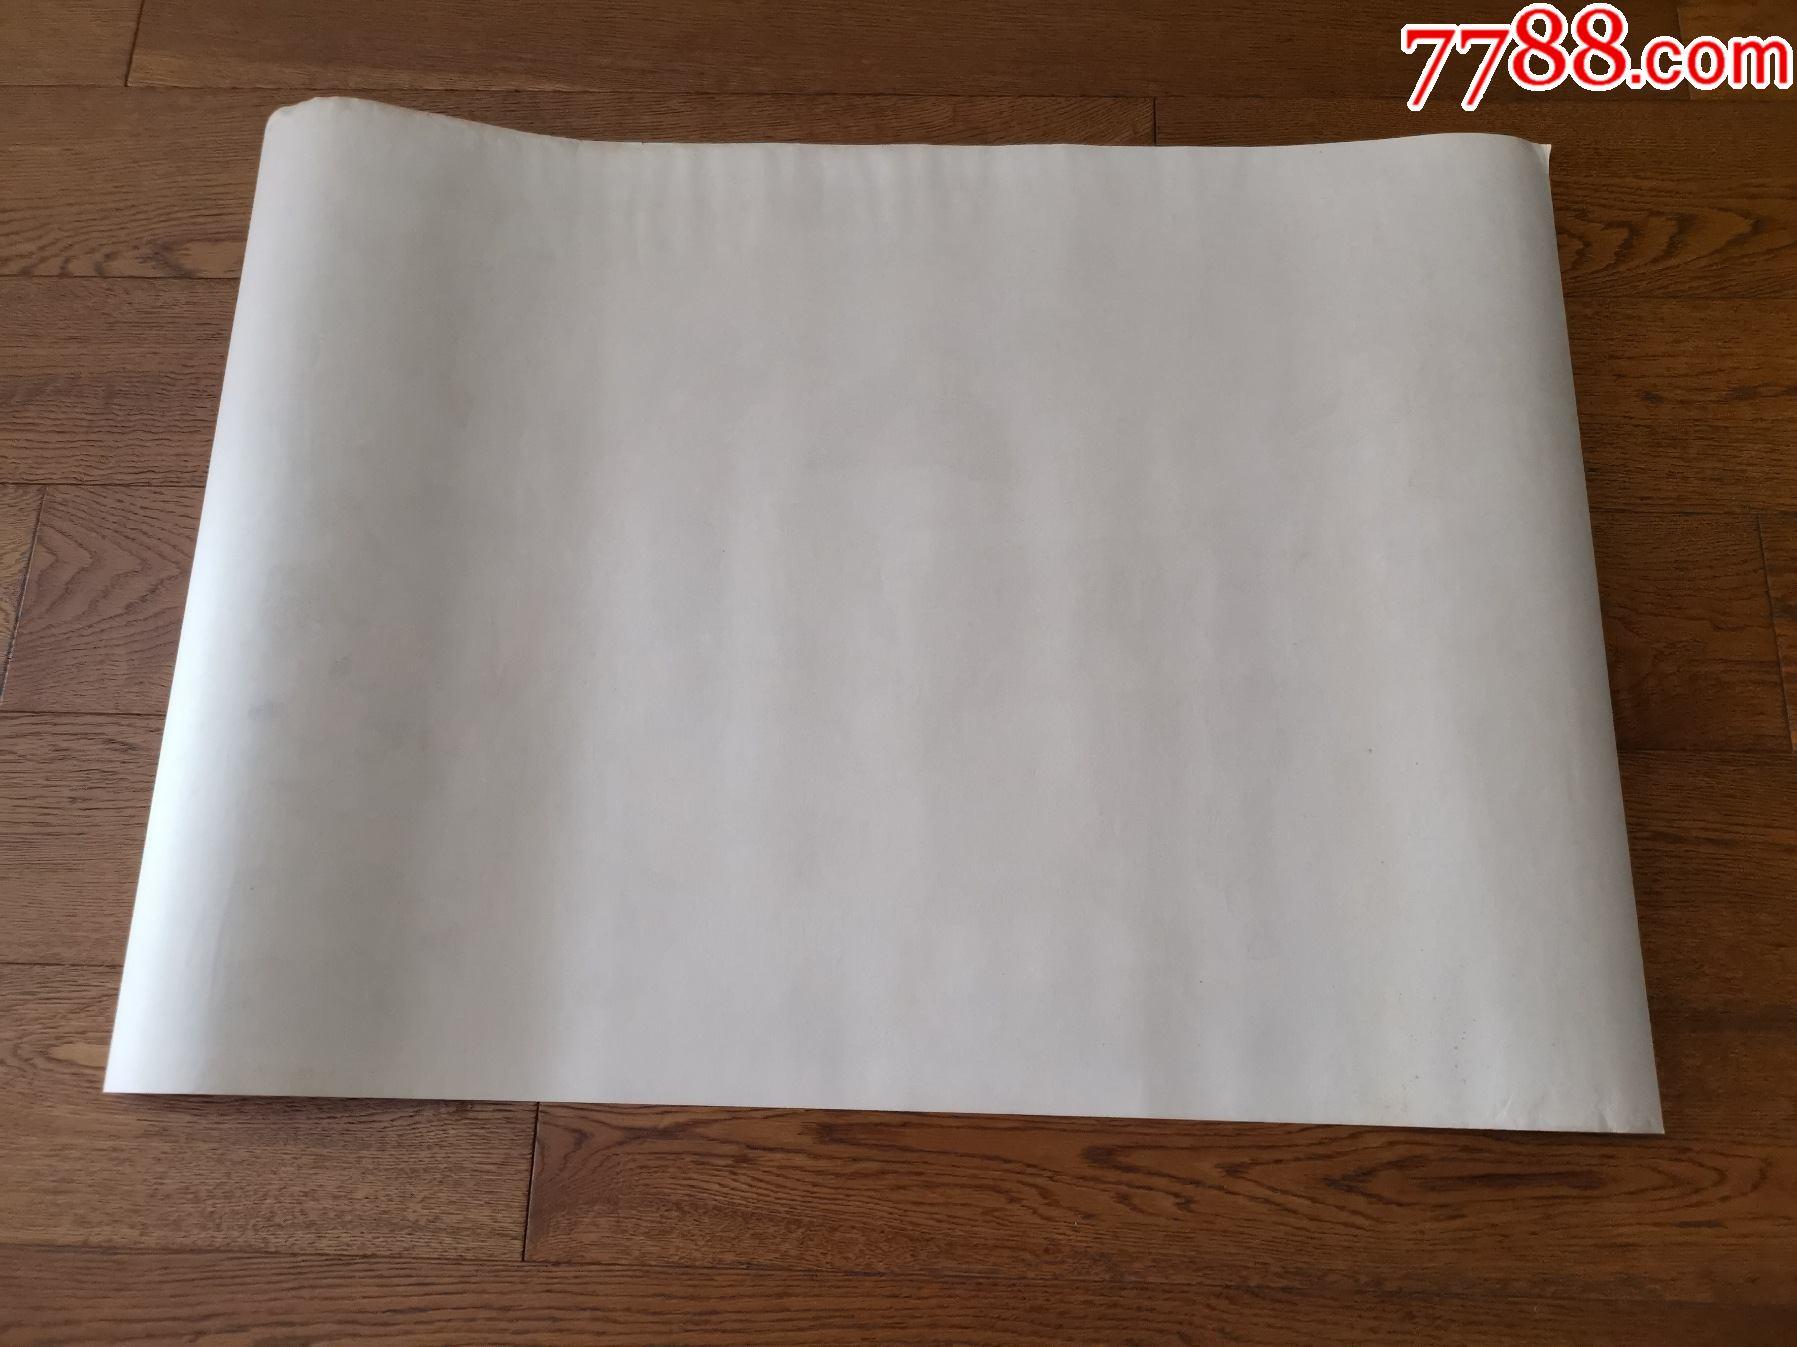 迎丰年_价格1411元_第9张_